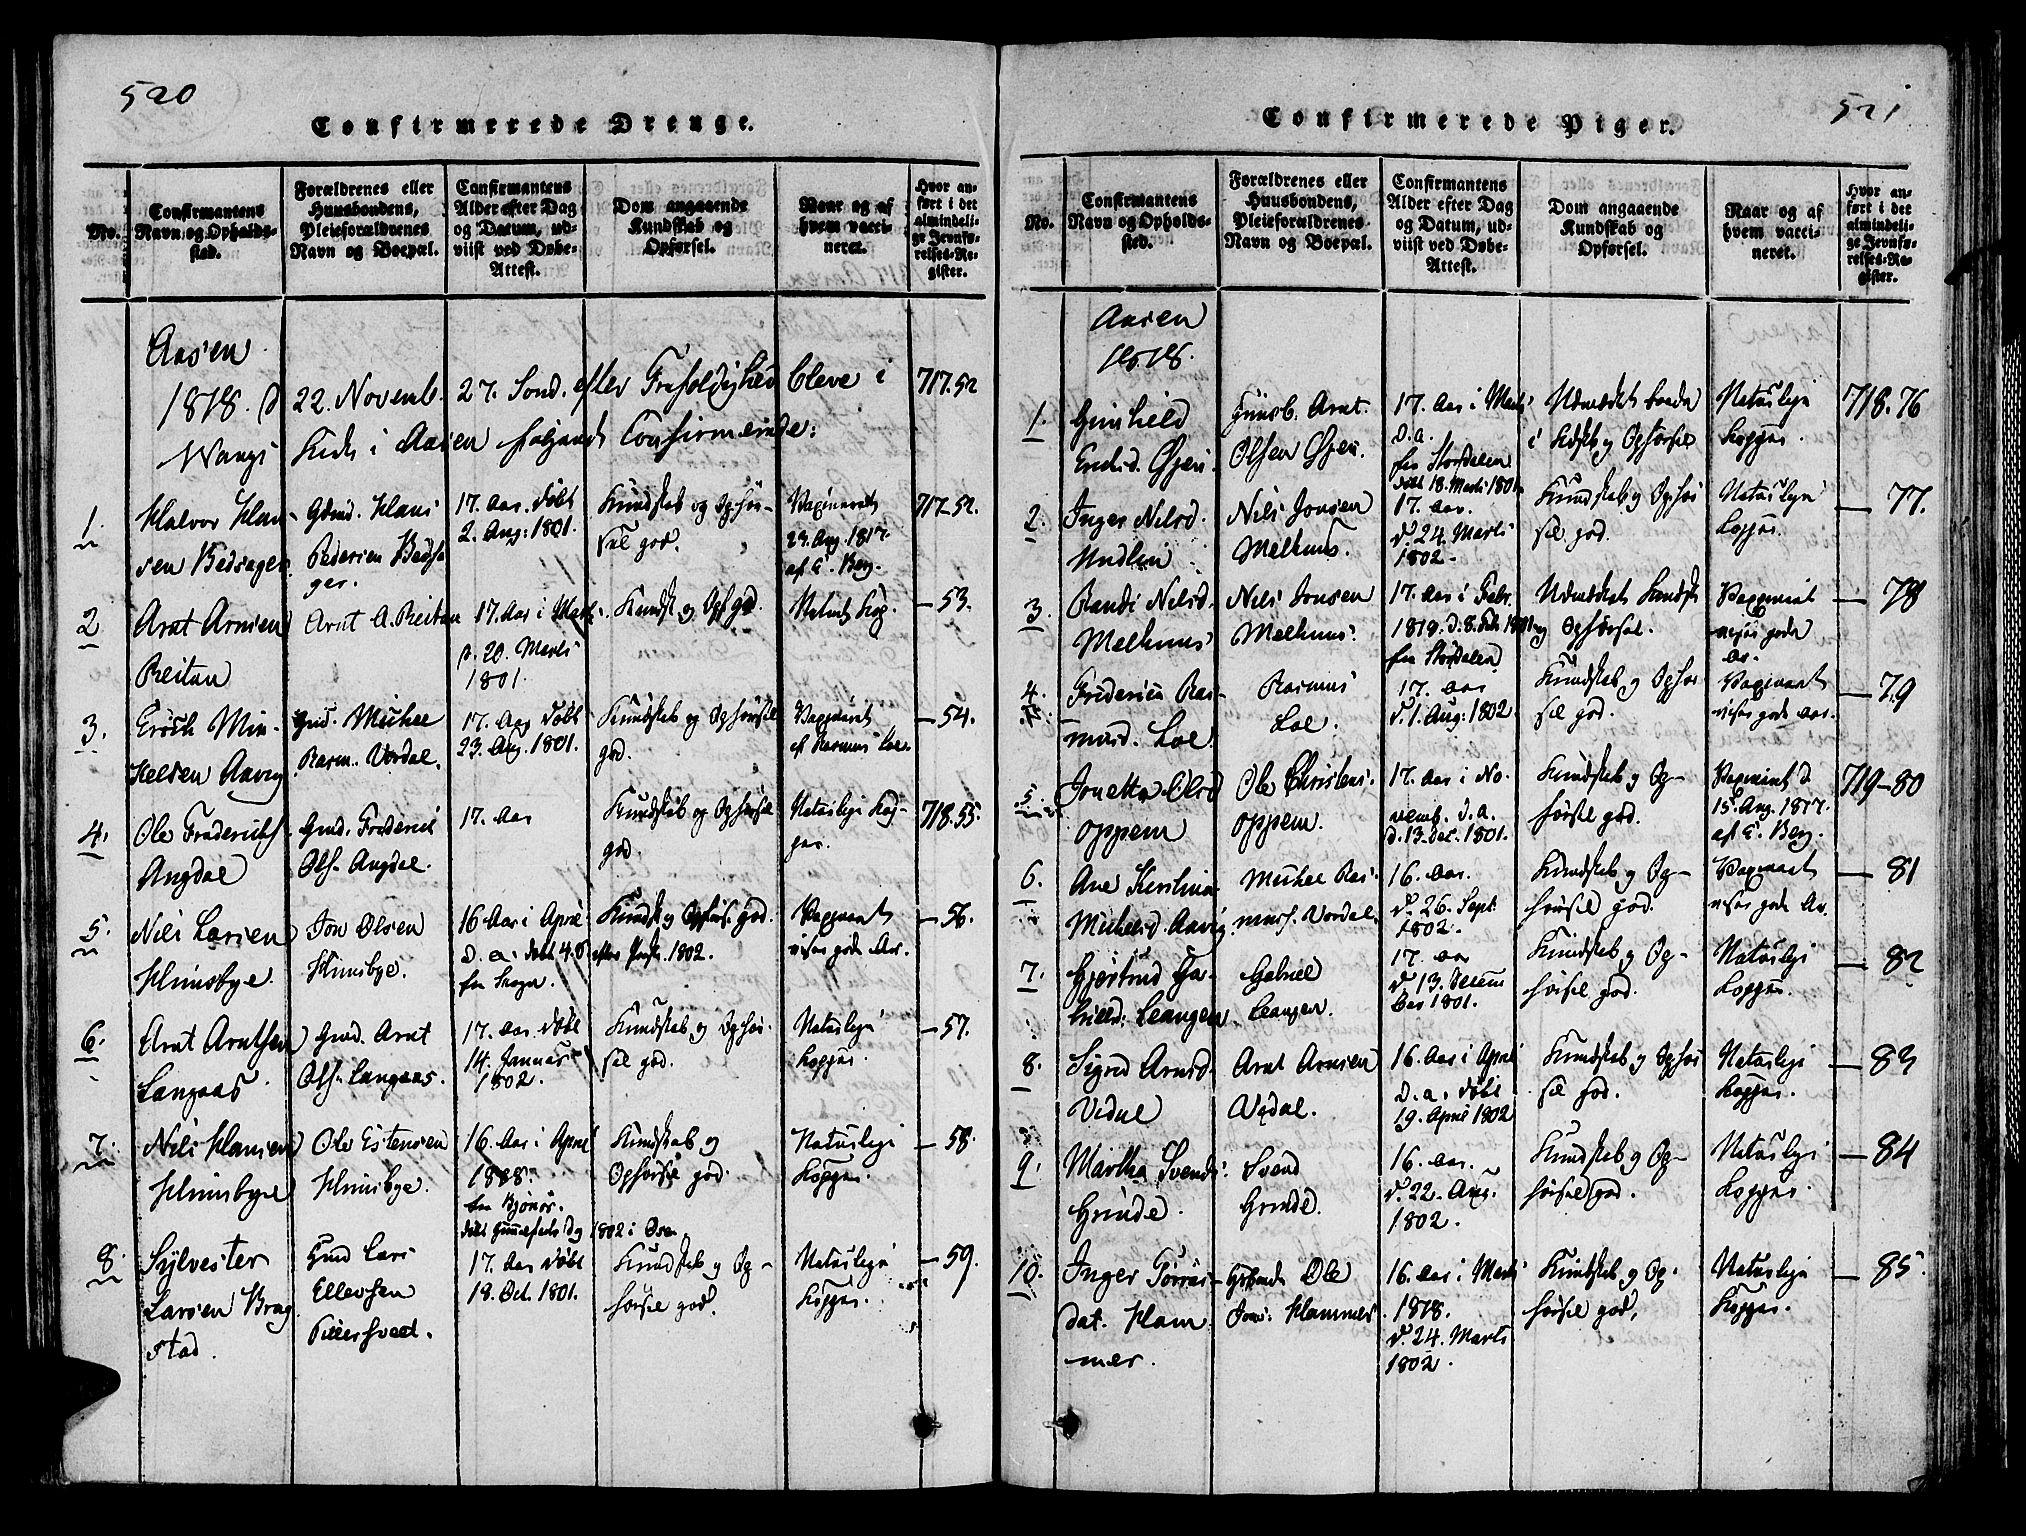 SAT, Ministerialprotokoller, klokkerbøker og fødselsregistre - Nord-Trøndelag, 713/L0112: Ministerialbok nr. 713A04 /2, 1817-1827, s. 520-521